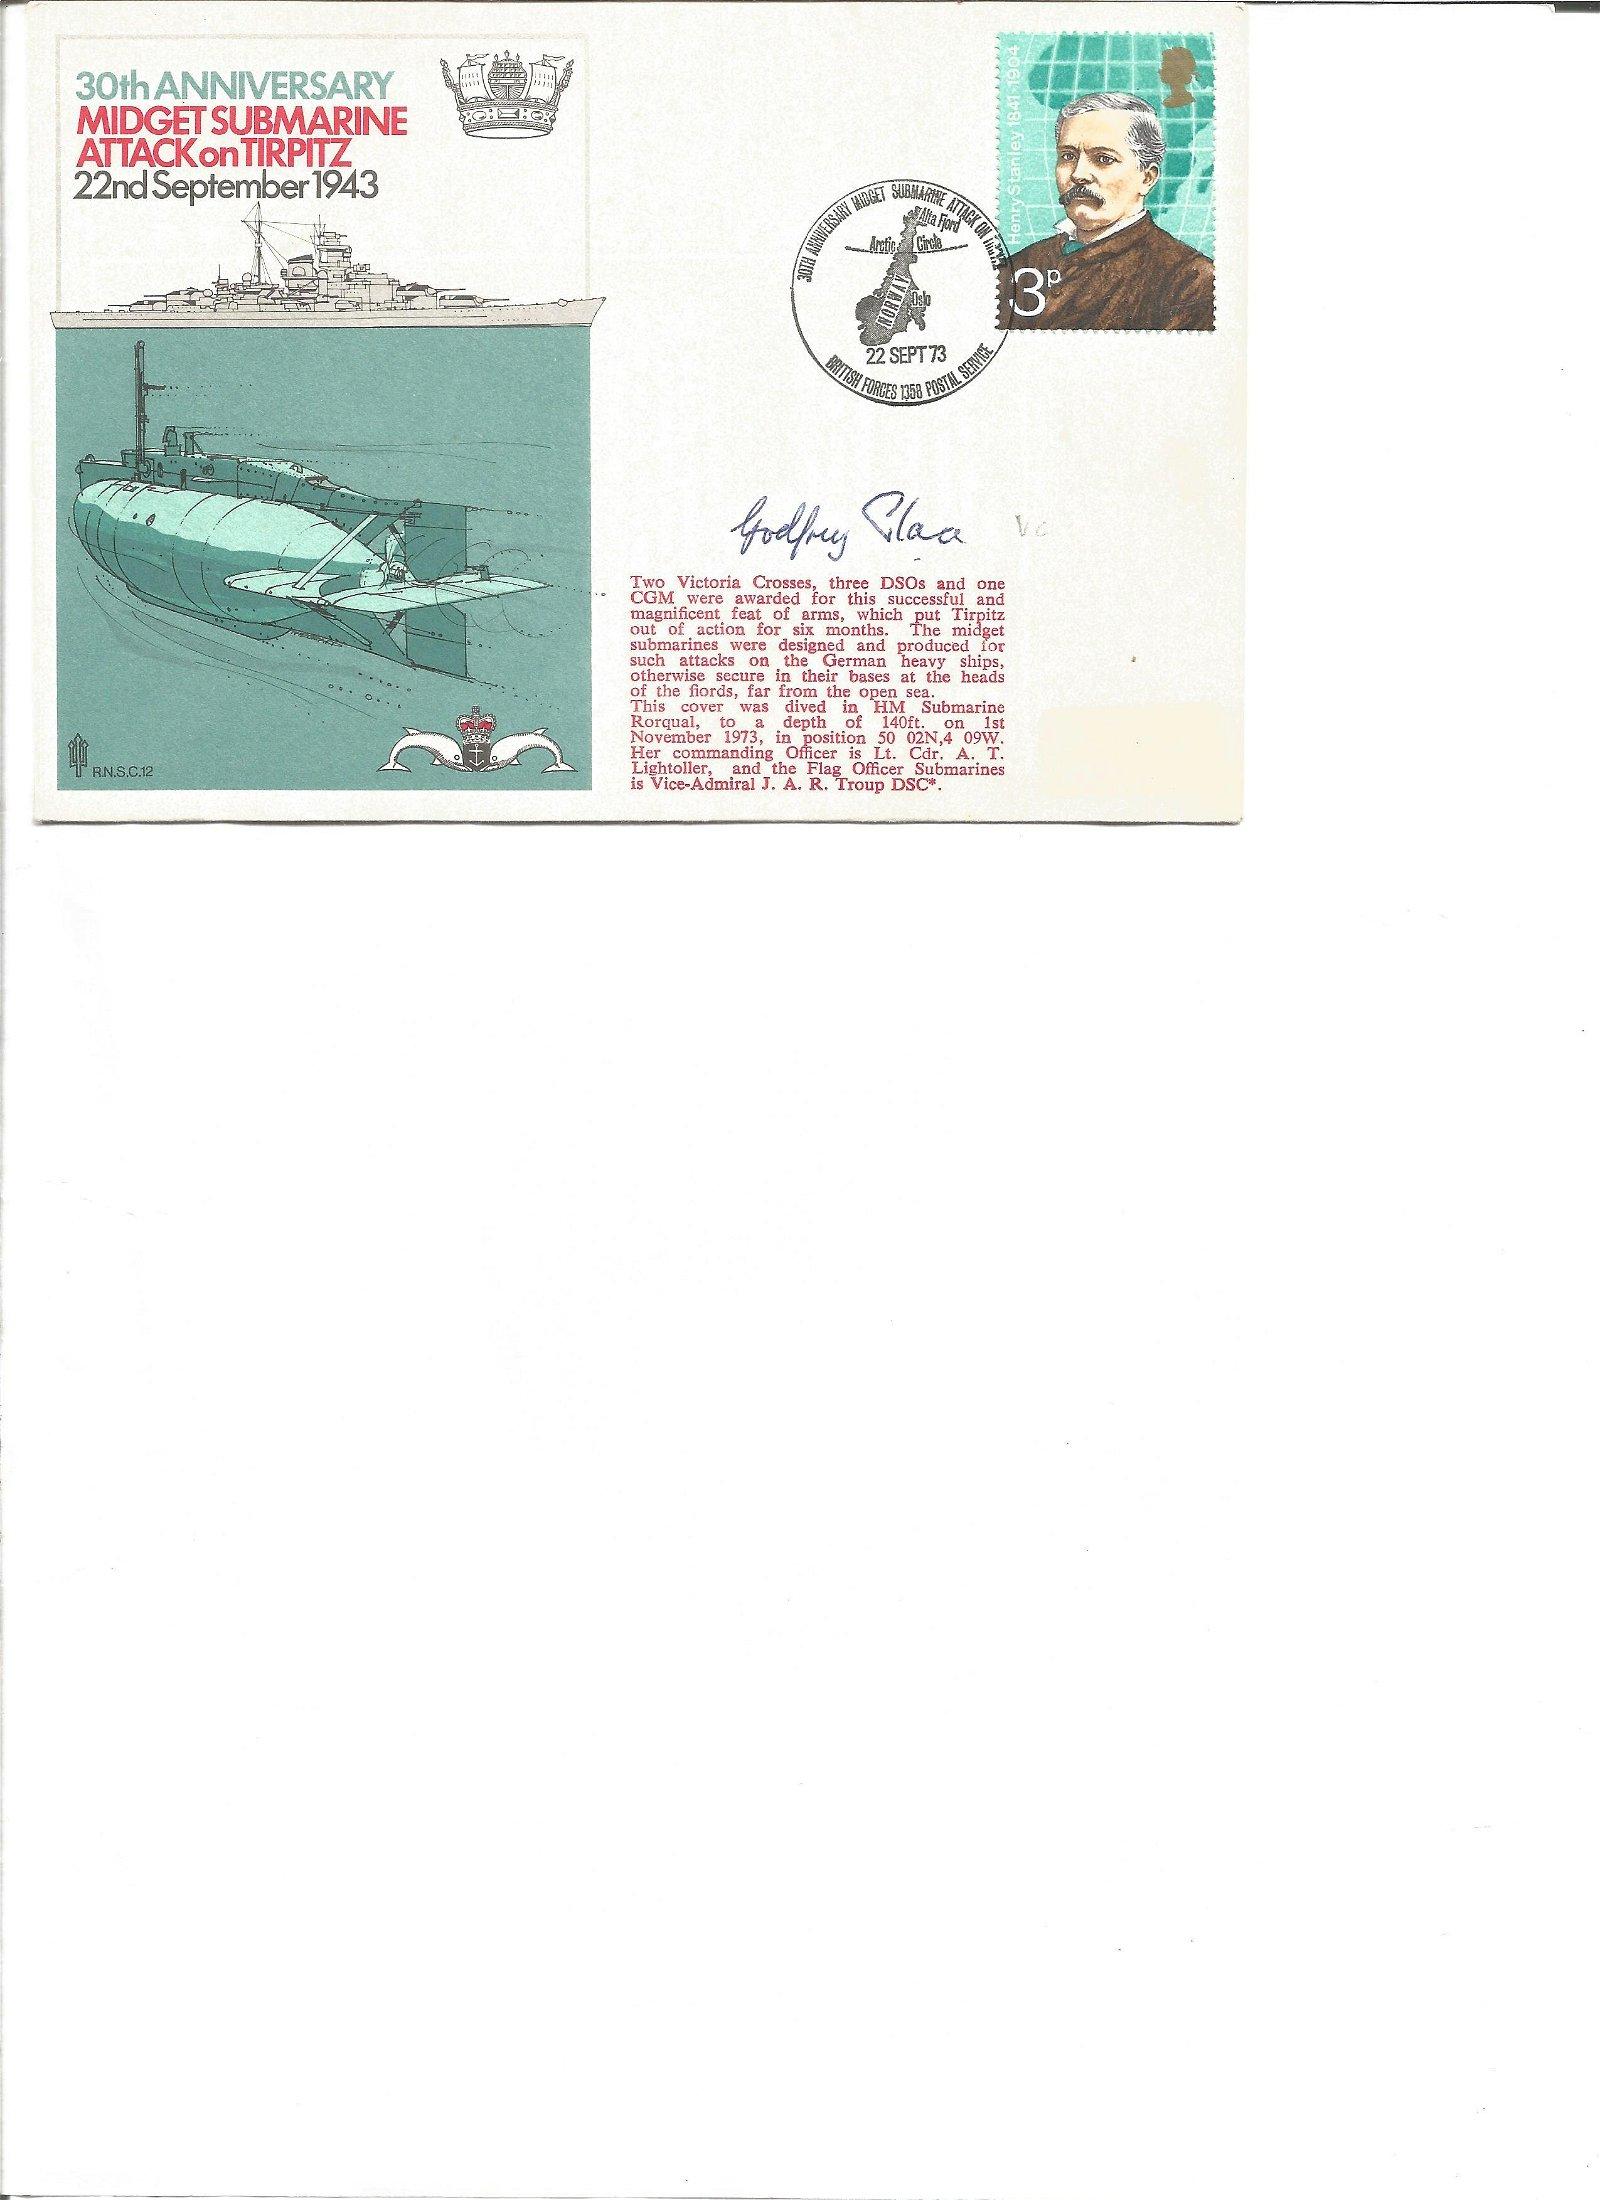 WW2 Miniature Submarine Tirpitz Godfrey Place VC signed